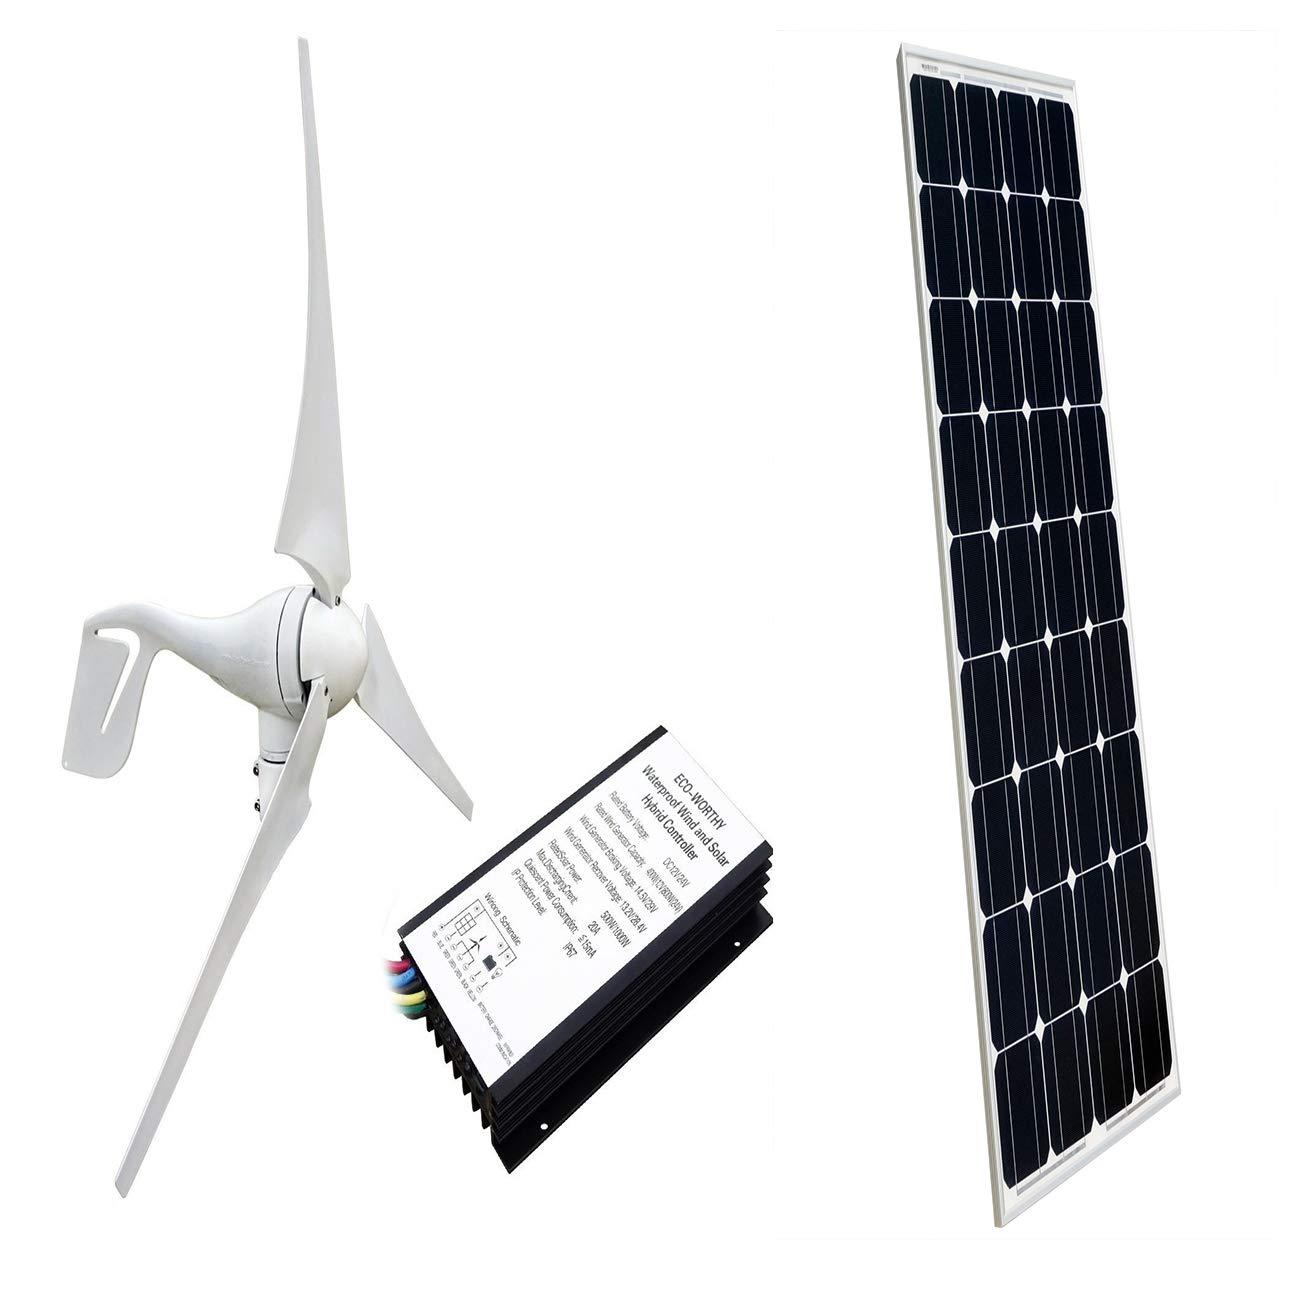 Installation Wind Turbine Installation Contact Us Solar Panel ... on